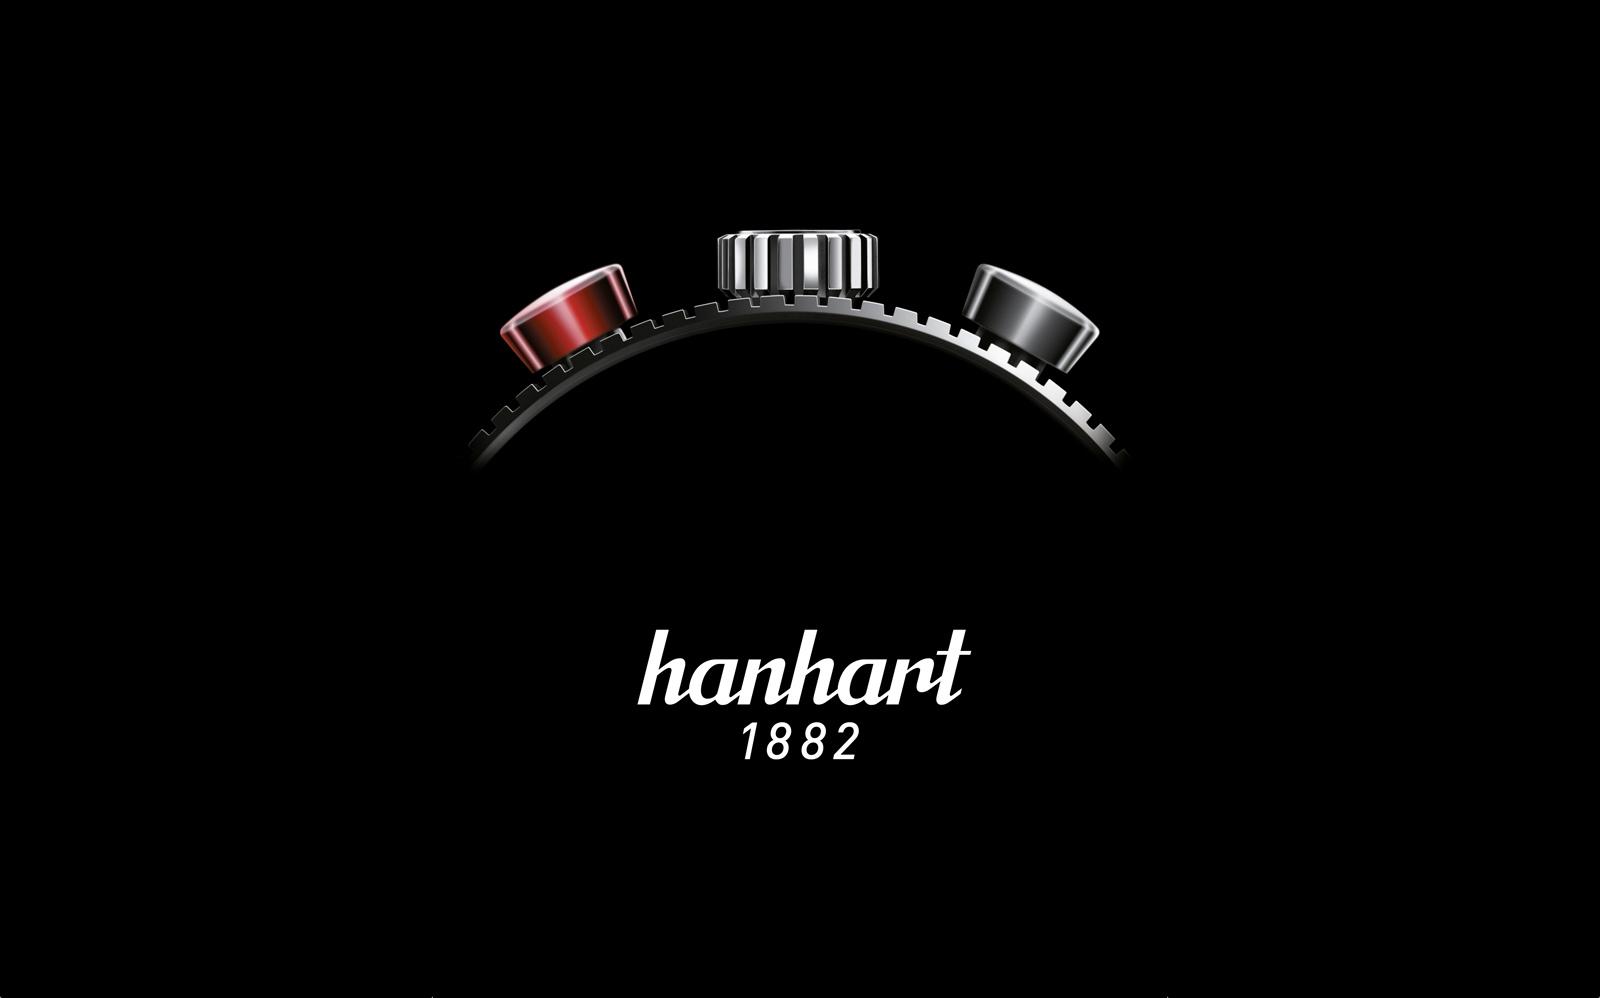 Hanhart Red button